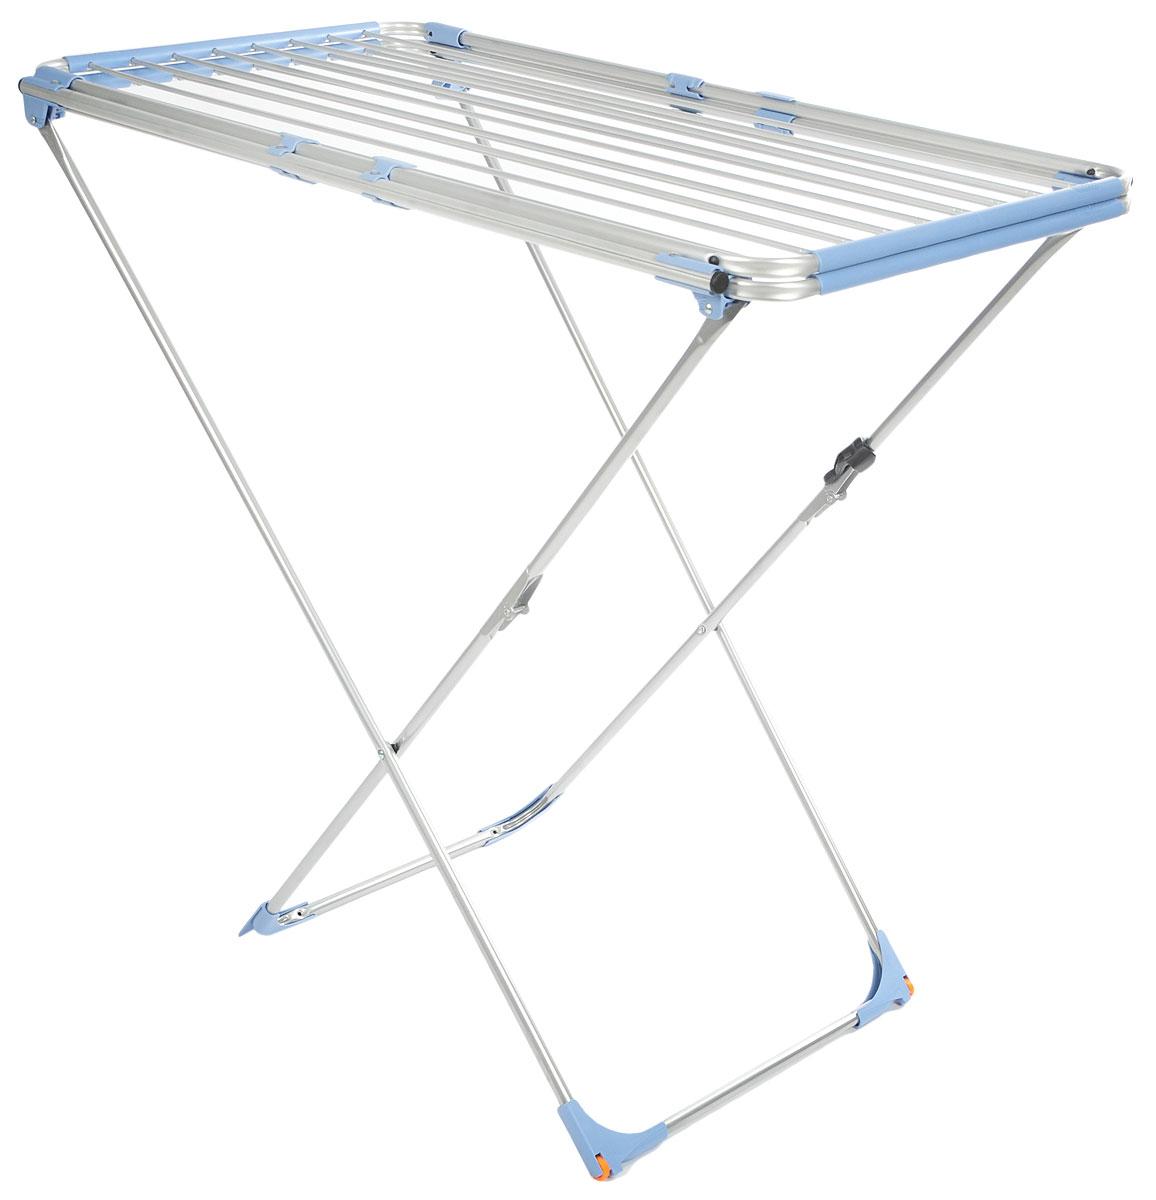 Сушилка для белья Gimi Duo Alu, напольная, цвет: голубой, стальной10790040_голубой, синийНапольная сушилка для белья Gimi Duo Alu, изготовленная из стали, проста и удобна в использовании. Идеально подходит для любых помещений. Сушилка оснащена стальными рейками. С помощью телескопических направляющих может раздвигаться, что позволяет свободно развесить как большие простыни, так и белье небольшого размера. Защитные уголки на ножках предотвратят появление царапин на полу. Сушилка для белья легко складывается и в таком состоянии занимает мало места, потому вам легко будет убрать ее в любое удобное для вас место. Минимальная длина сушилки: 105 см. Максимальная длина сушилки: 209 см. Ширина сушилки: 60 см. Высота сушилки: 97 см. Общая длина реек: 22 м.